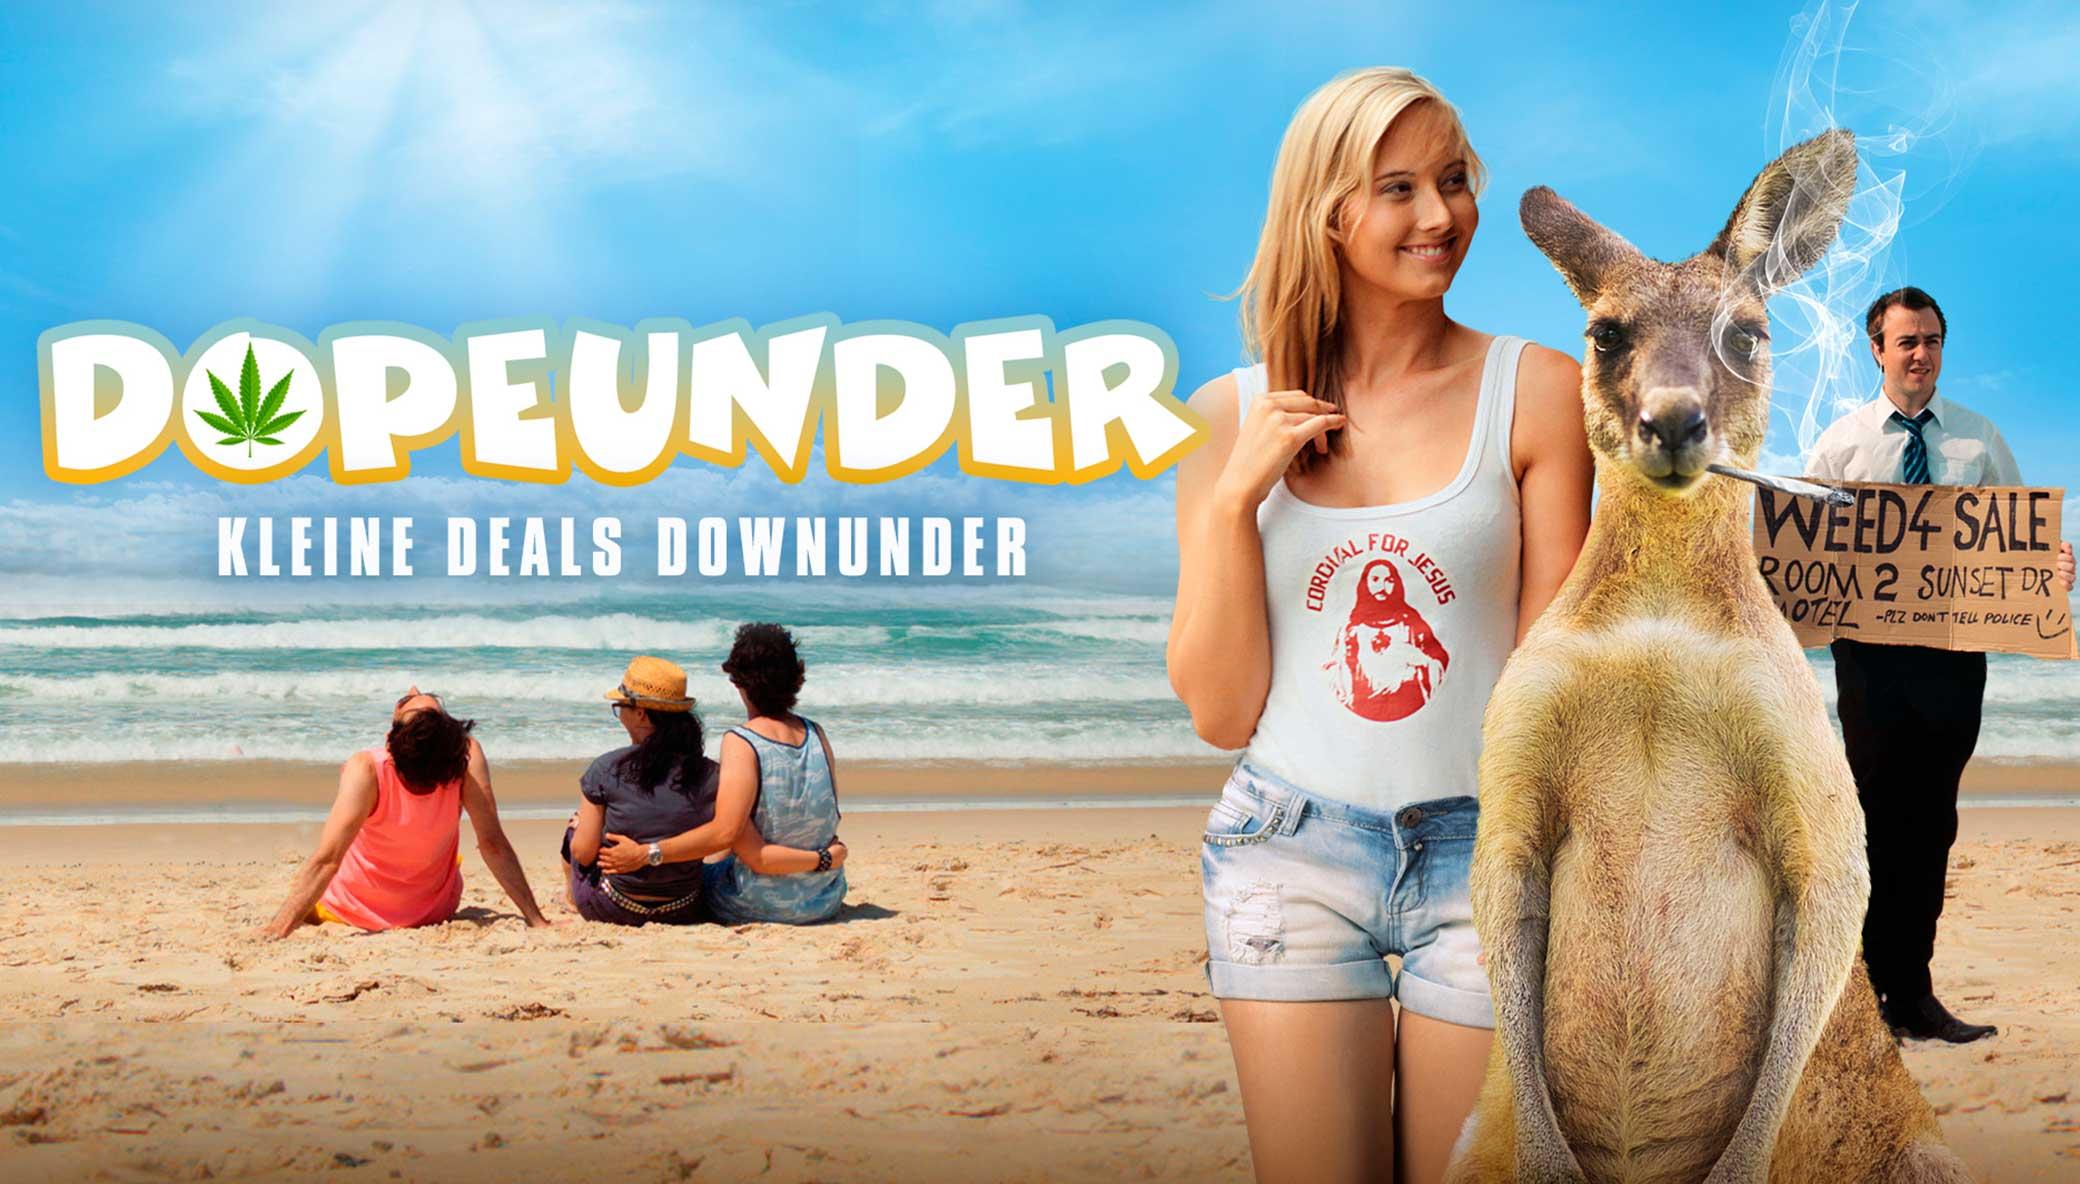 dopeunder-kleine-deals-downunder\header.jpg